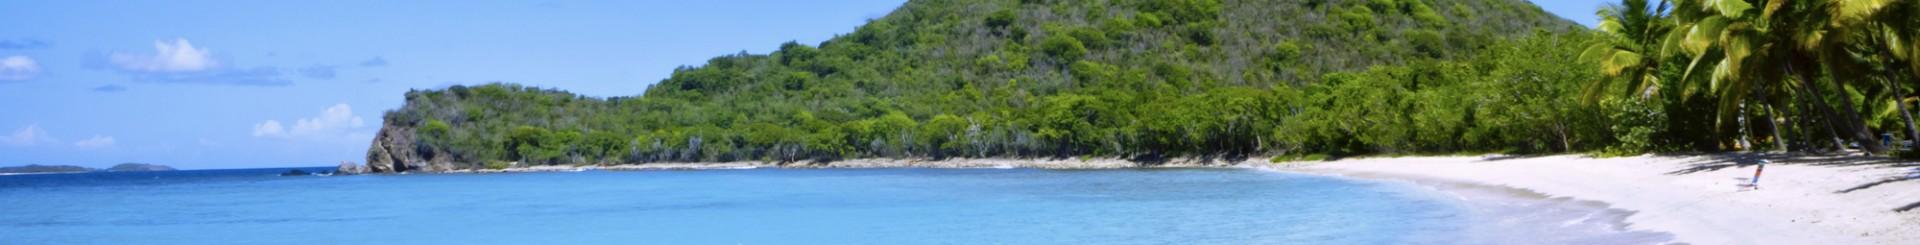 Voyage à Sainte-Lucie